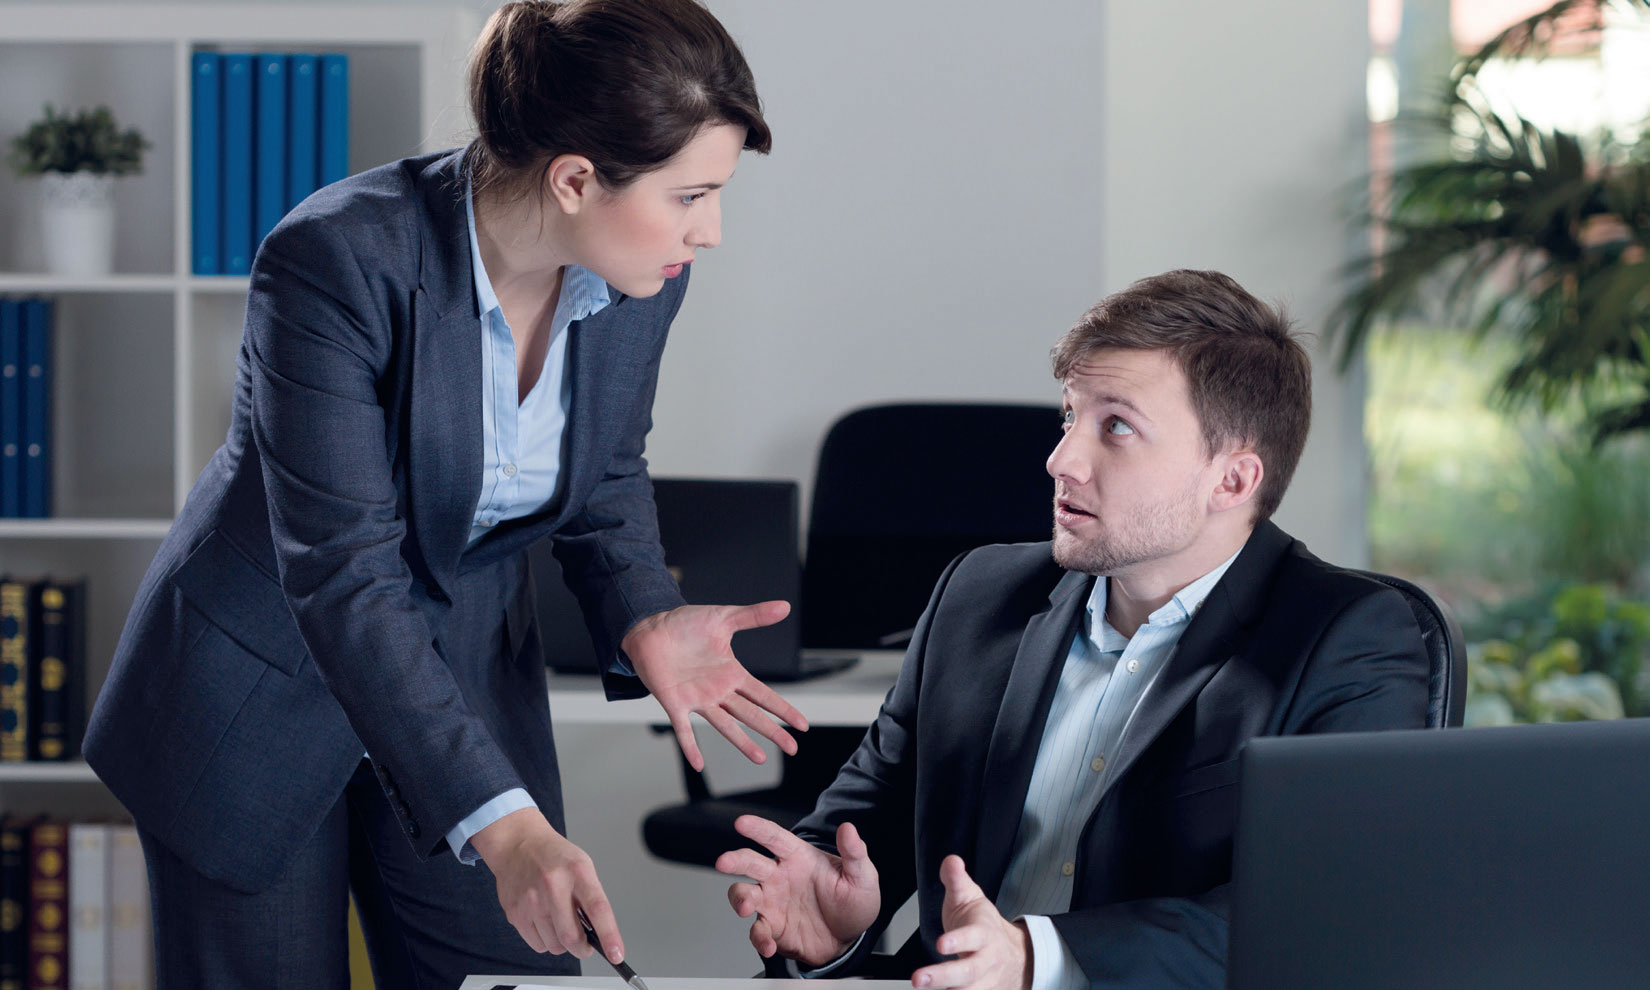 Ces attitudes inconscientes qui détruisent les relations humaines en entreprise